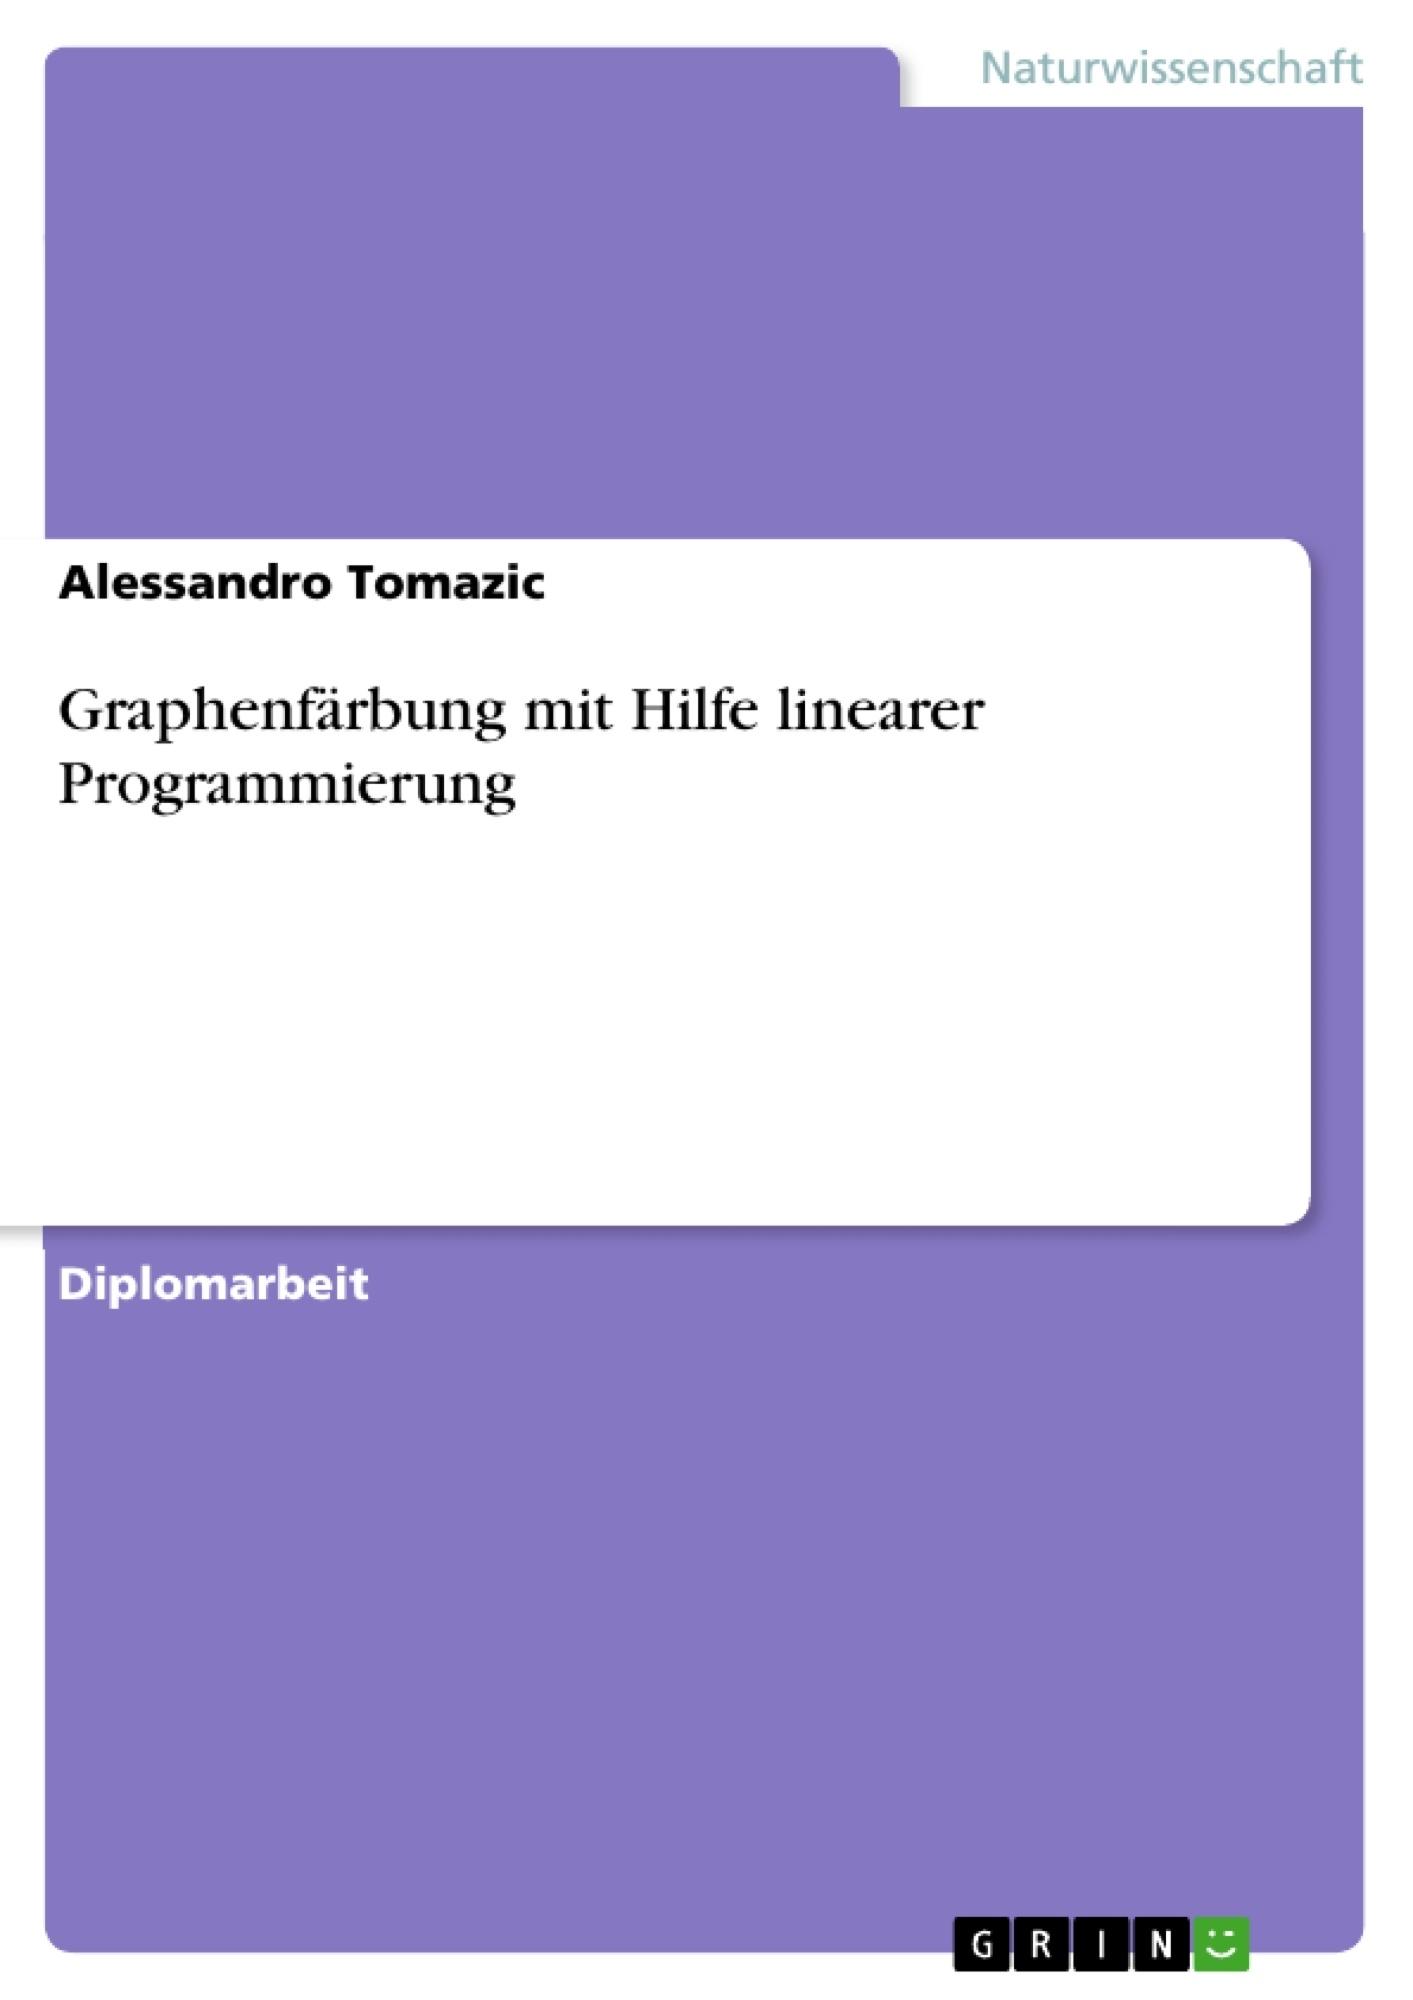 Titel: Graphenfärbung mit Hilfe linearer Programmierung